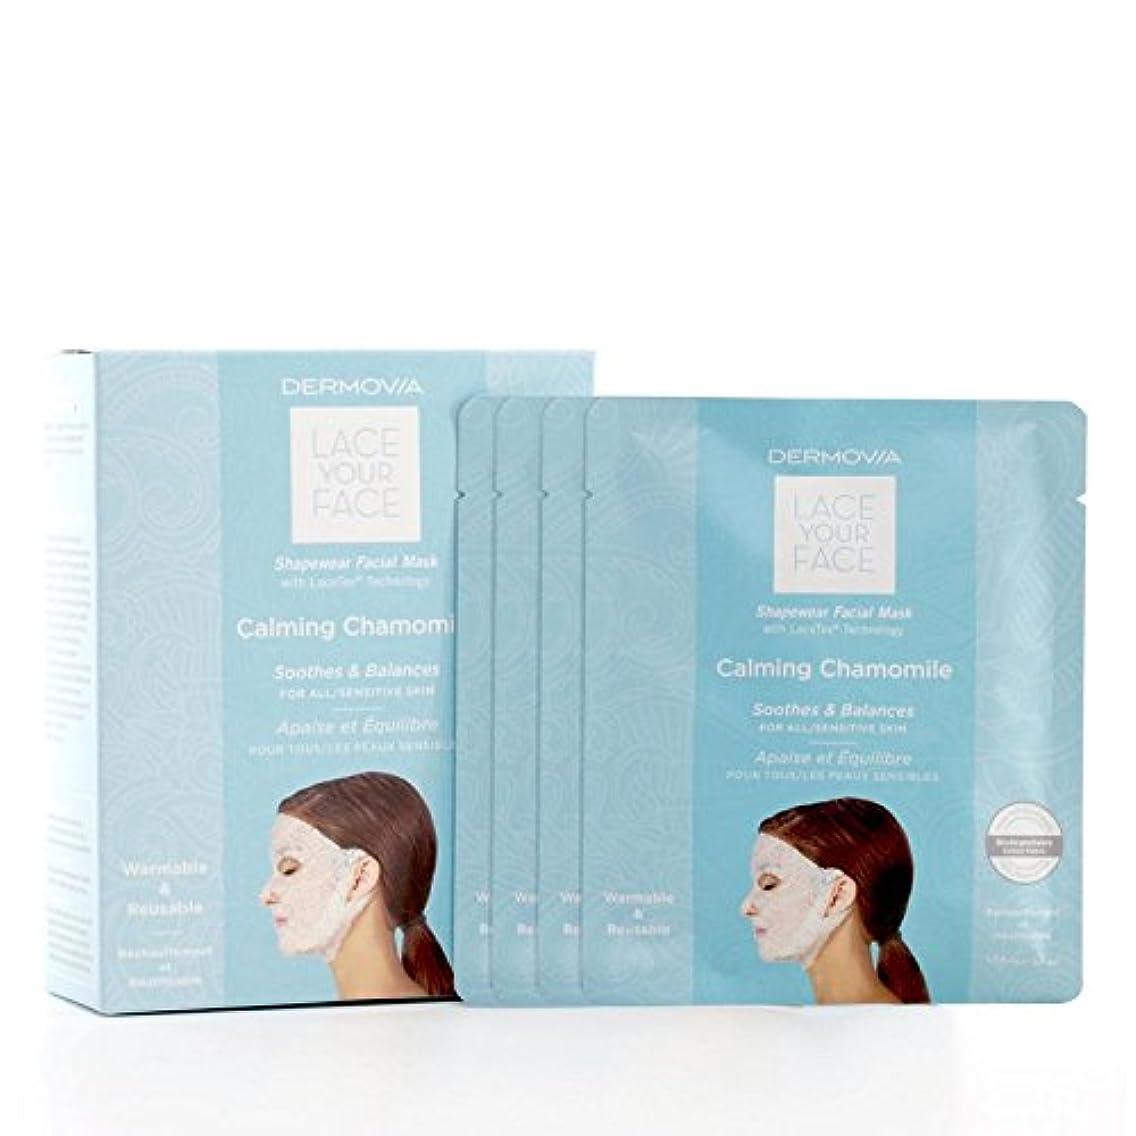 カラスおそらく悲惨なDermovia Lace Your Face Compression Facial Mask Calming Chamomile - は、あなたの顔の圧縮フェイシャルマスク心を落ち着かせるカモミールをひもで締めます [...